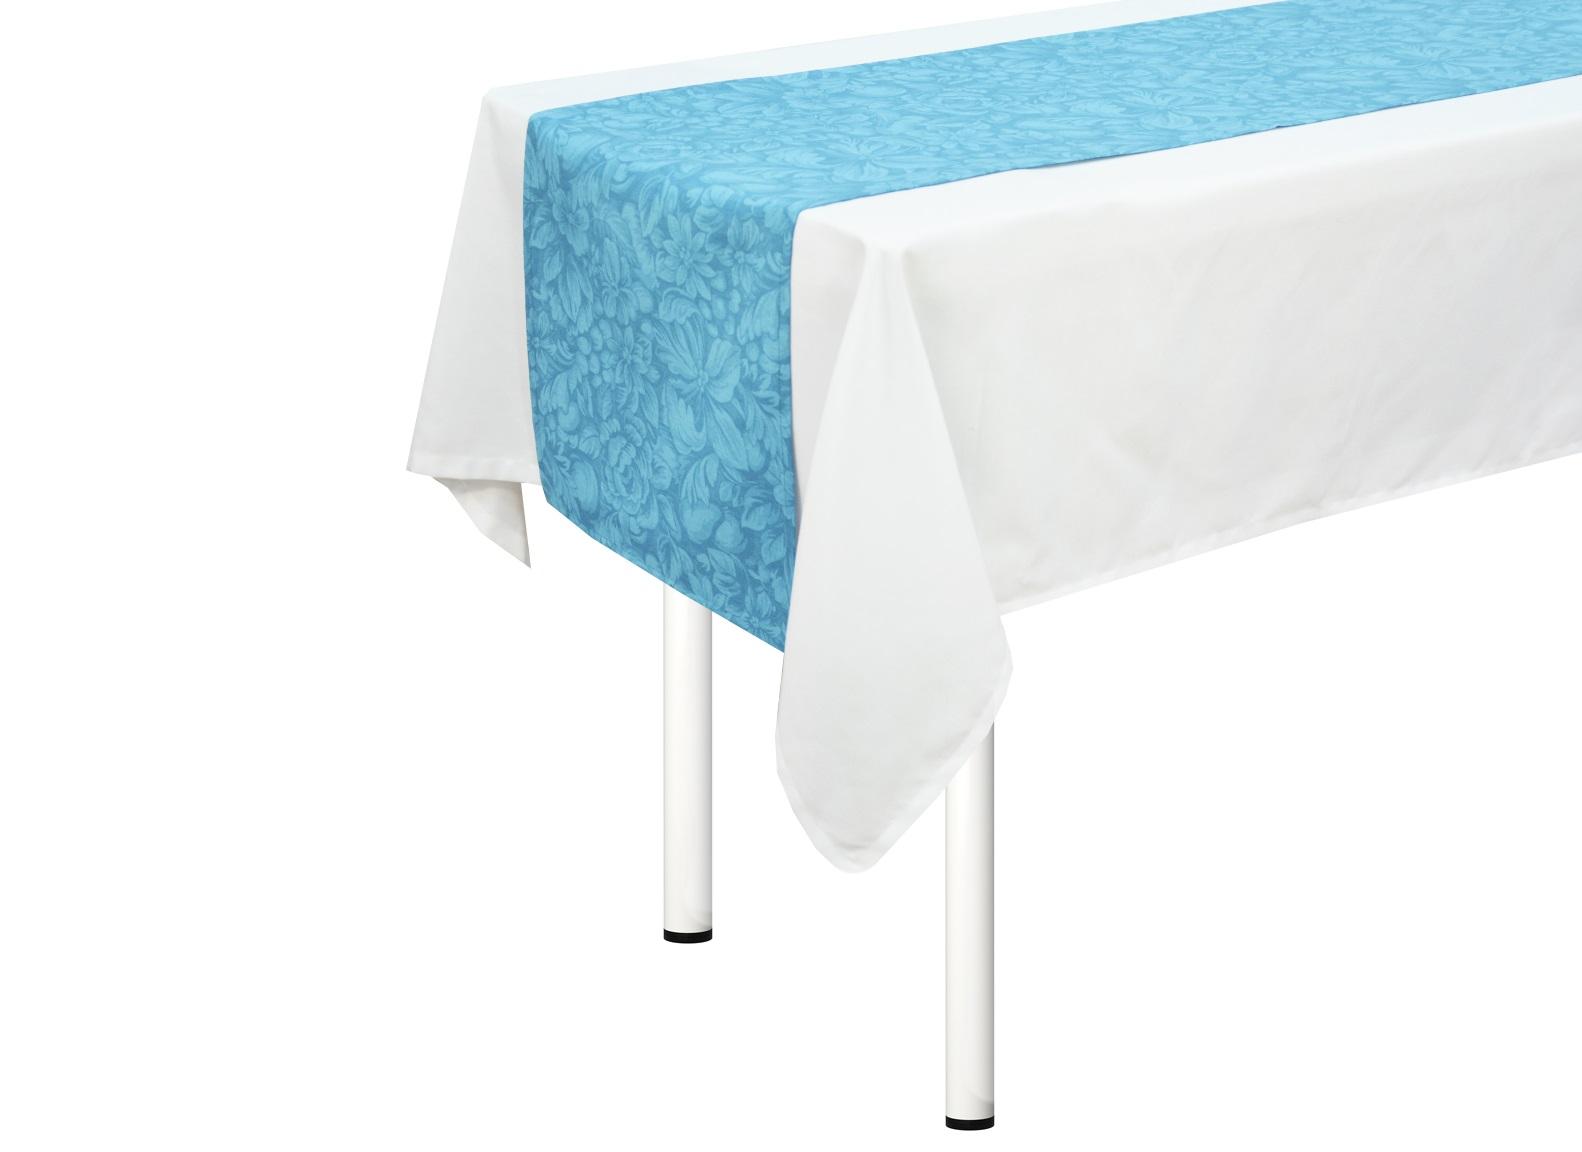 Дорожка на стол Lorret  azureСкатерти<br>Скатерть узкая на стол. Подойдет для романтического стиля и настроения. Яркий дизайн. Ткань прочная ,износоустойчивая.<br><br>Material: Хлопок<br>Length см: None<br>Width см: 170<br>Height см: 40